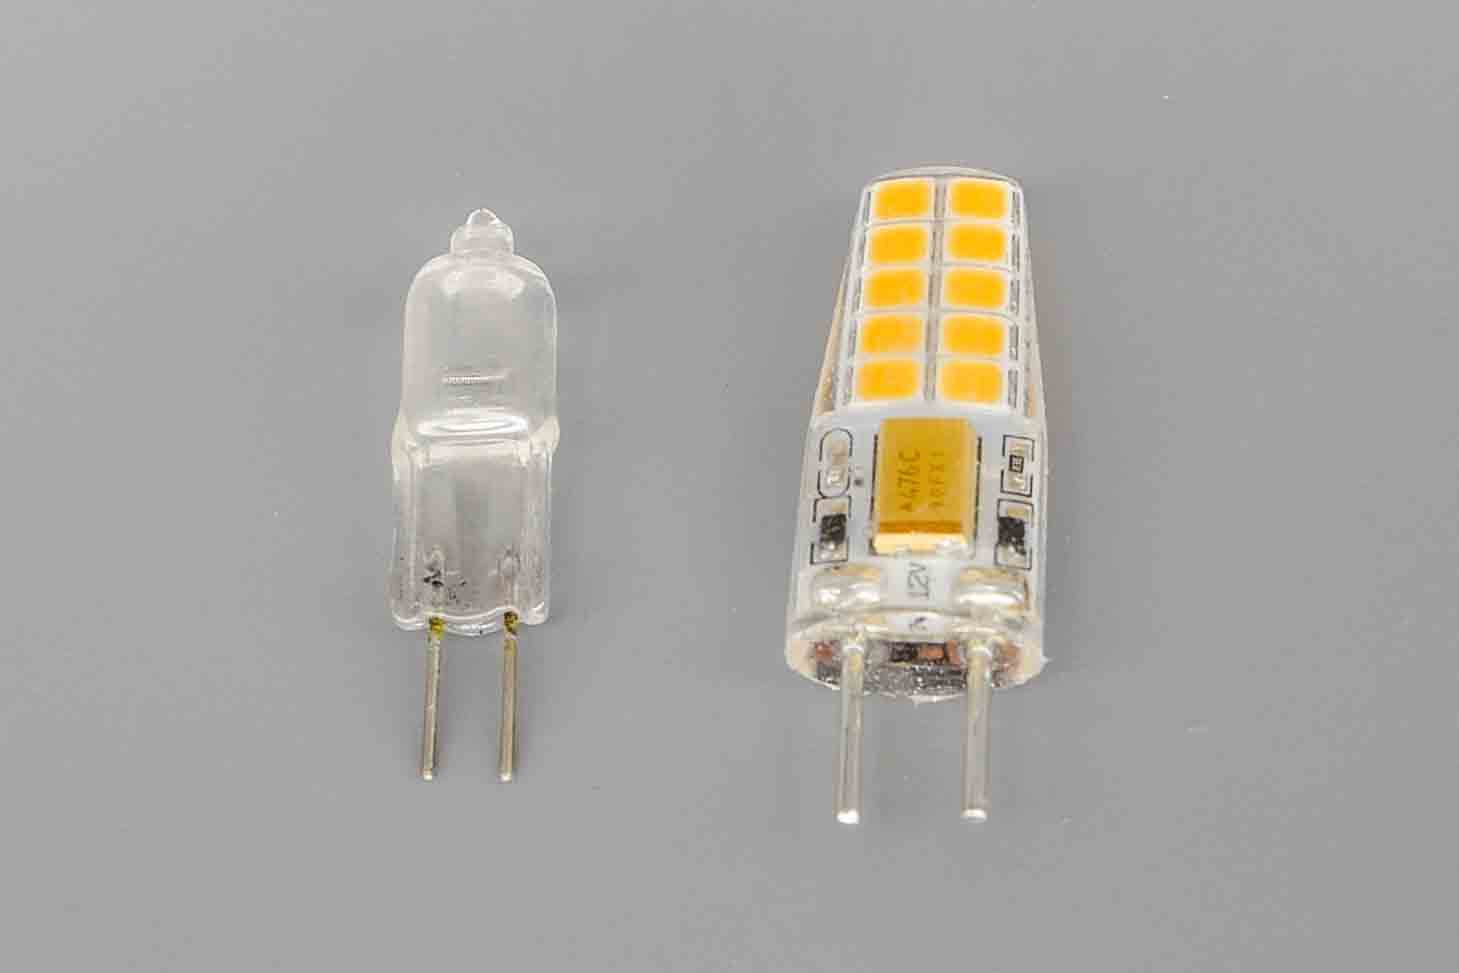 【必ず間違える!】ミニ電球G4口金とG6.35口金【大きさ比較してみる!】